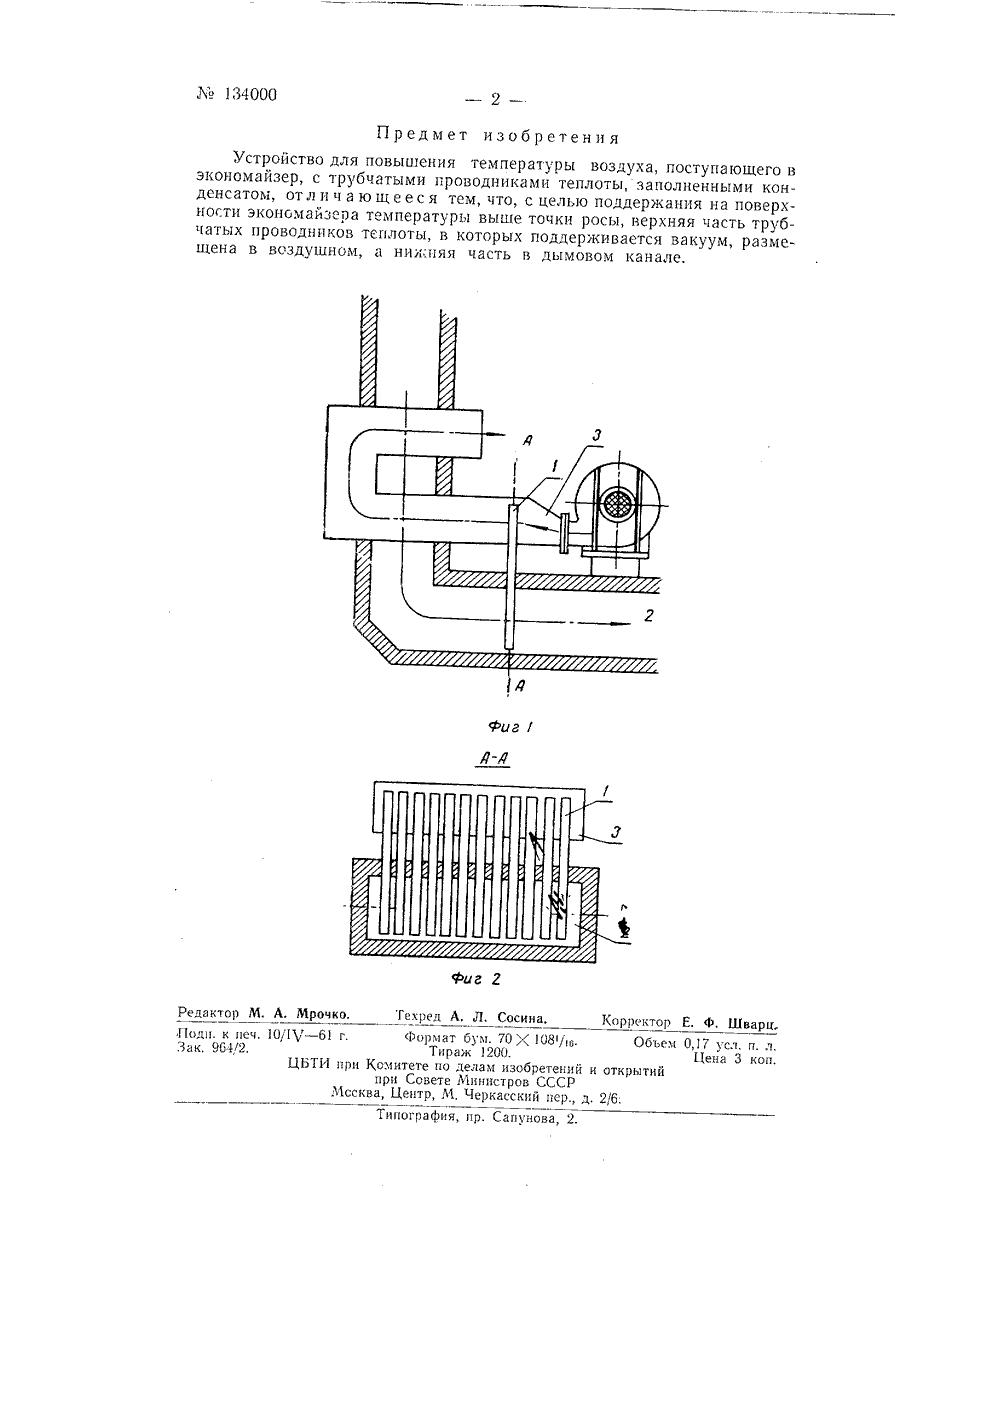 схема теплового насоса с экономайзером